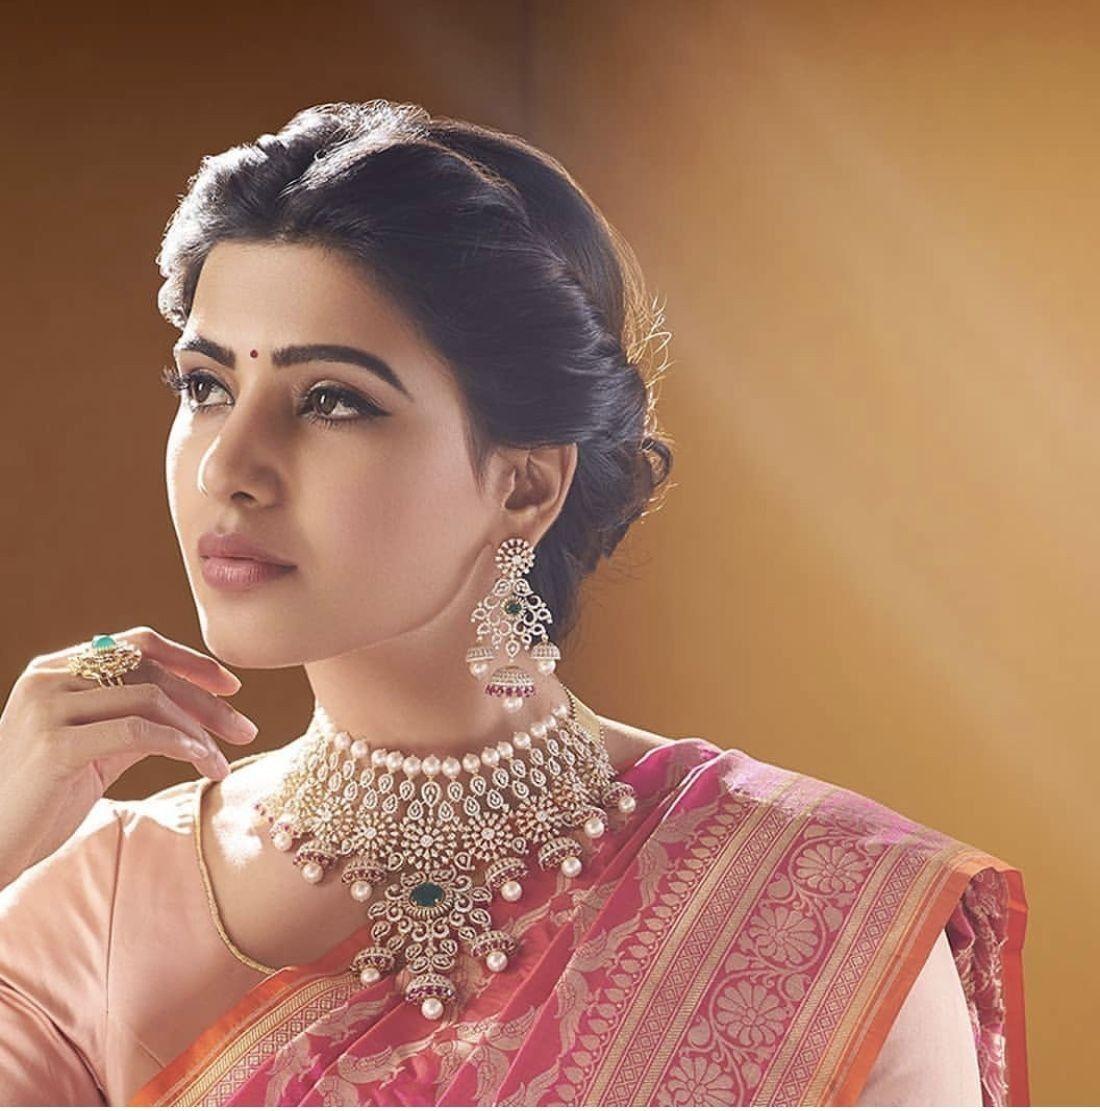 Wedding Hairstyle On Saree: #saree #sareedesign #blouse #blousedesign